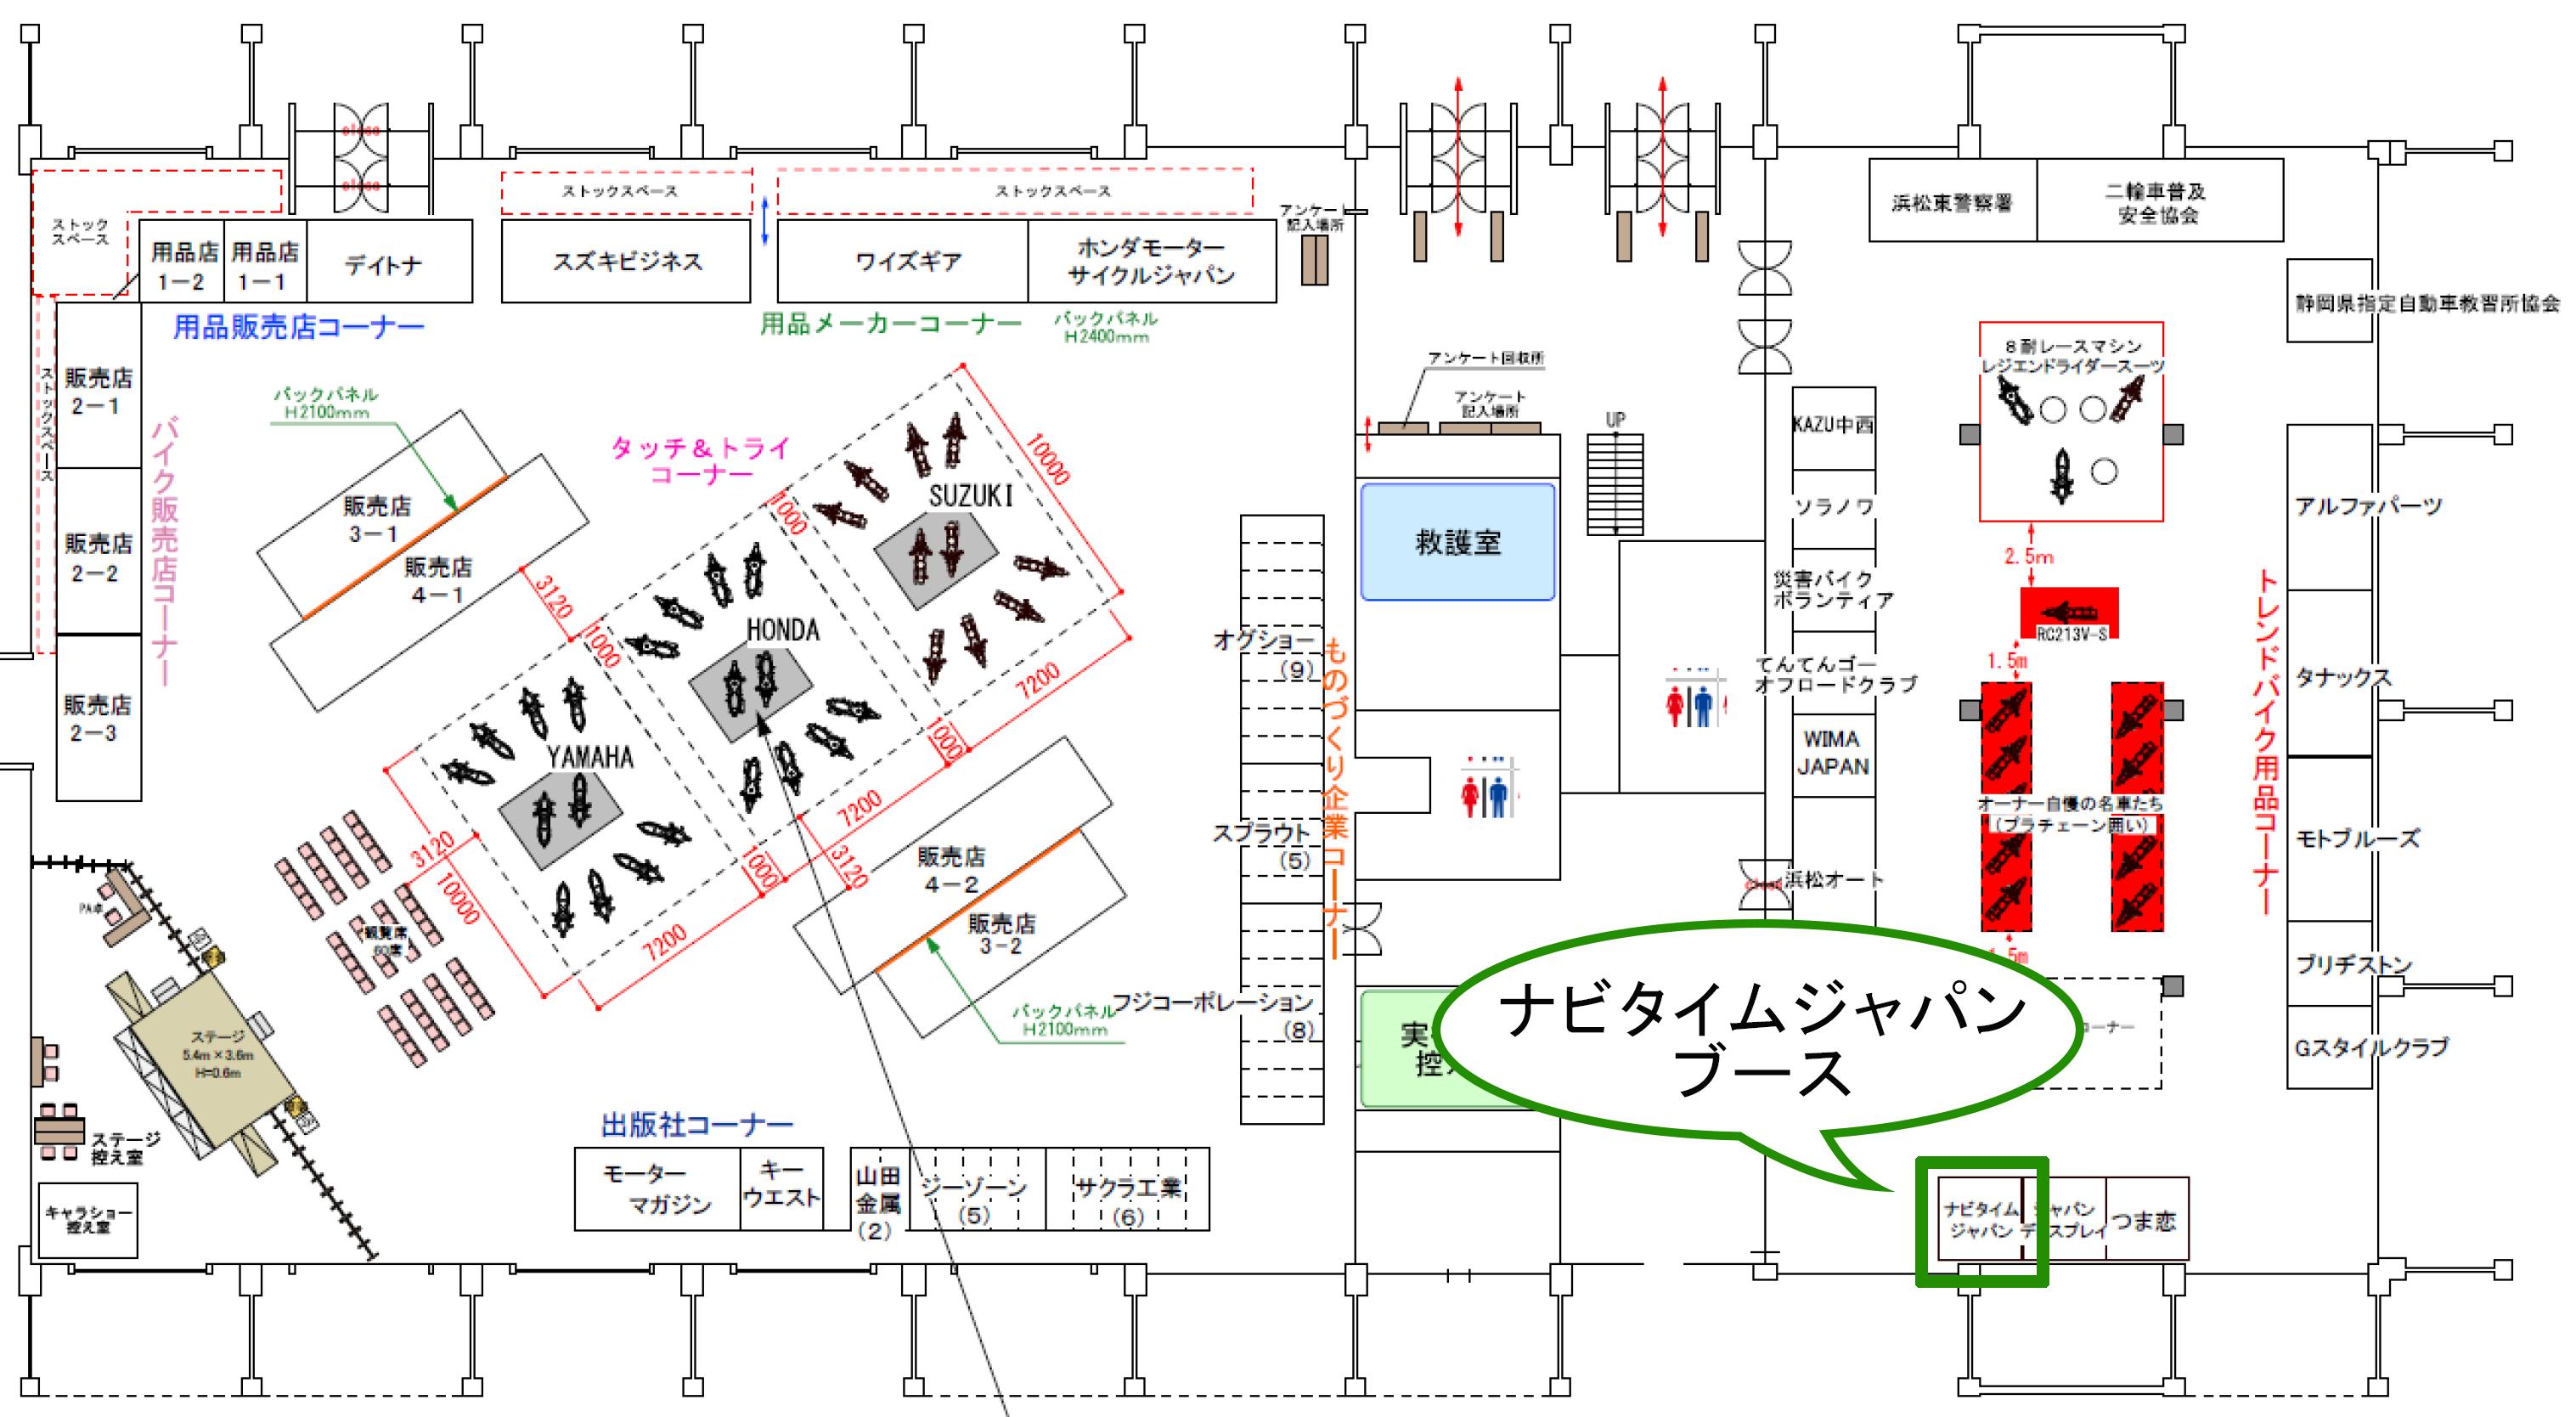 http://corporate.navitime.co.jp/topics/613d27a20df27fb007eeb4f1f5eac3255425fec4.png